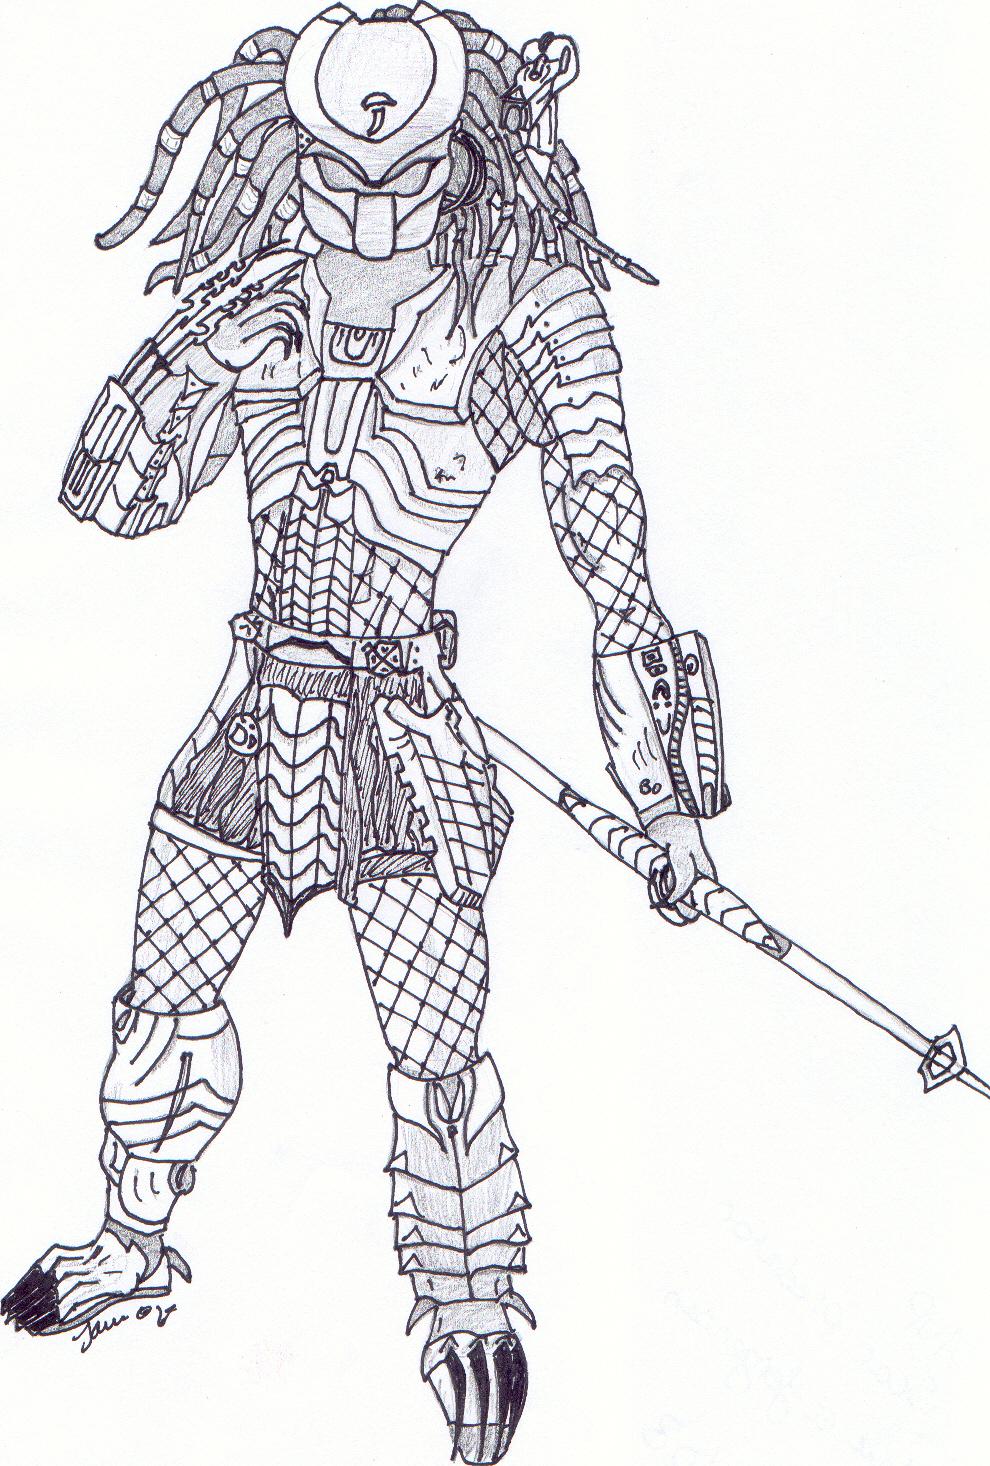 Scar Predator by Arby1055